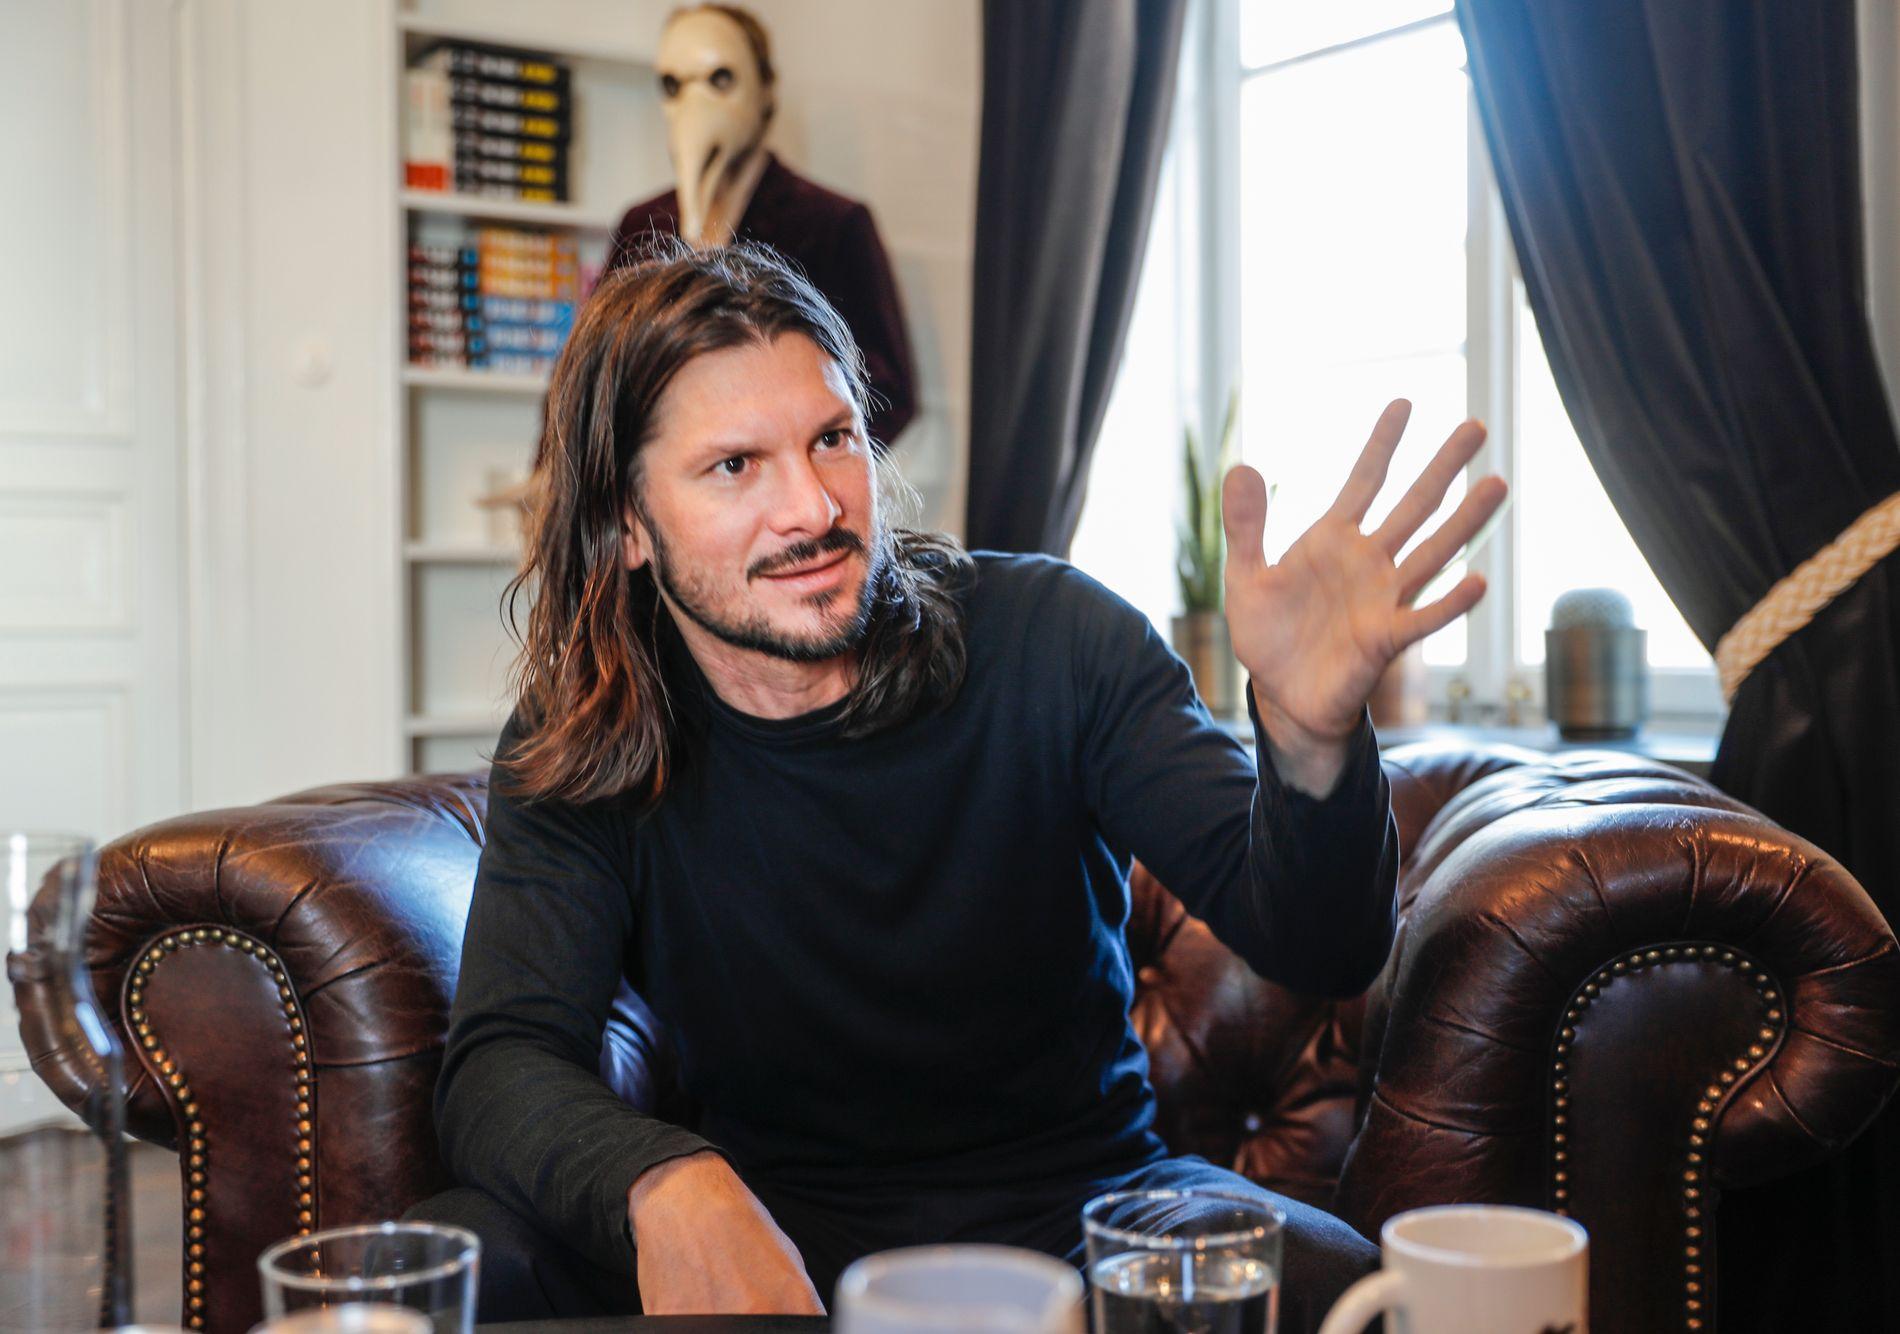 GÅR HARDT UT: Niclas Salomonsson tror svært få nystartede agentbyråer overlever.